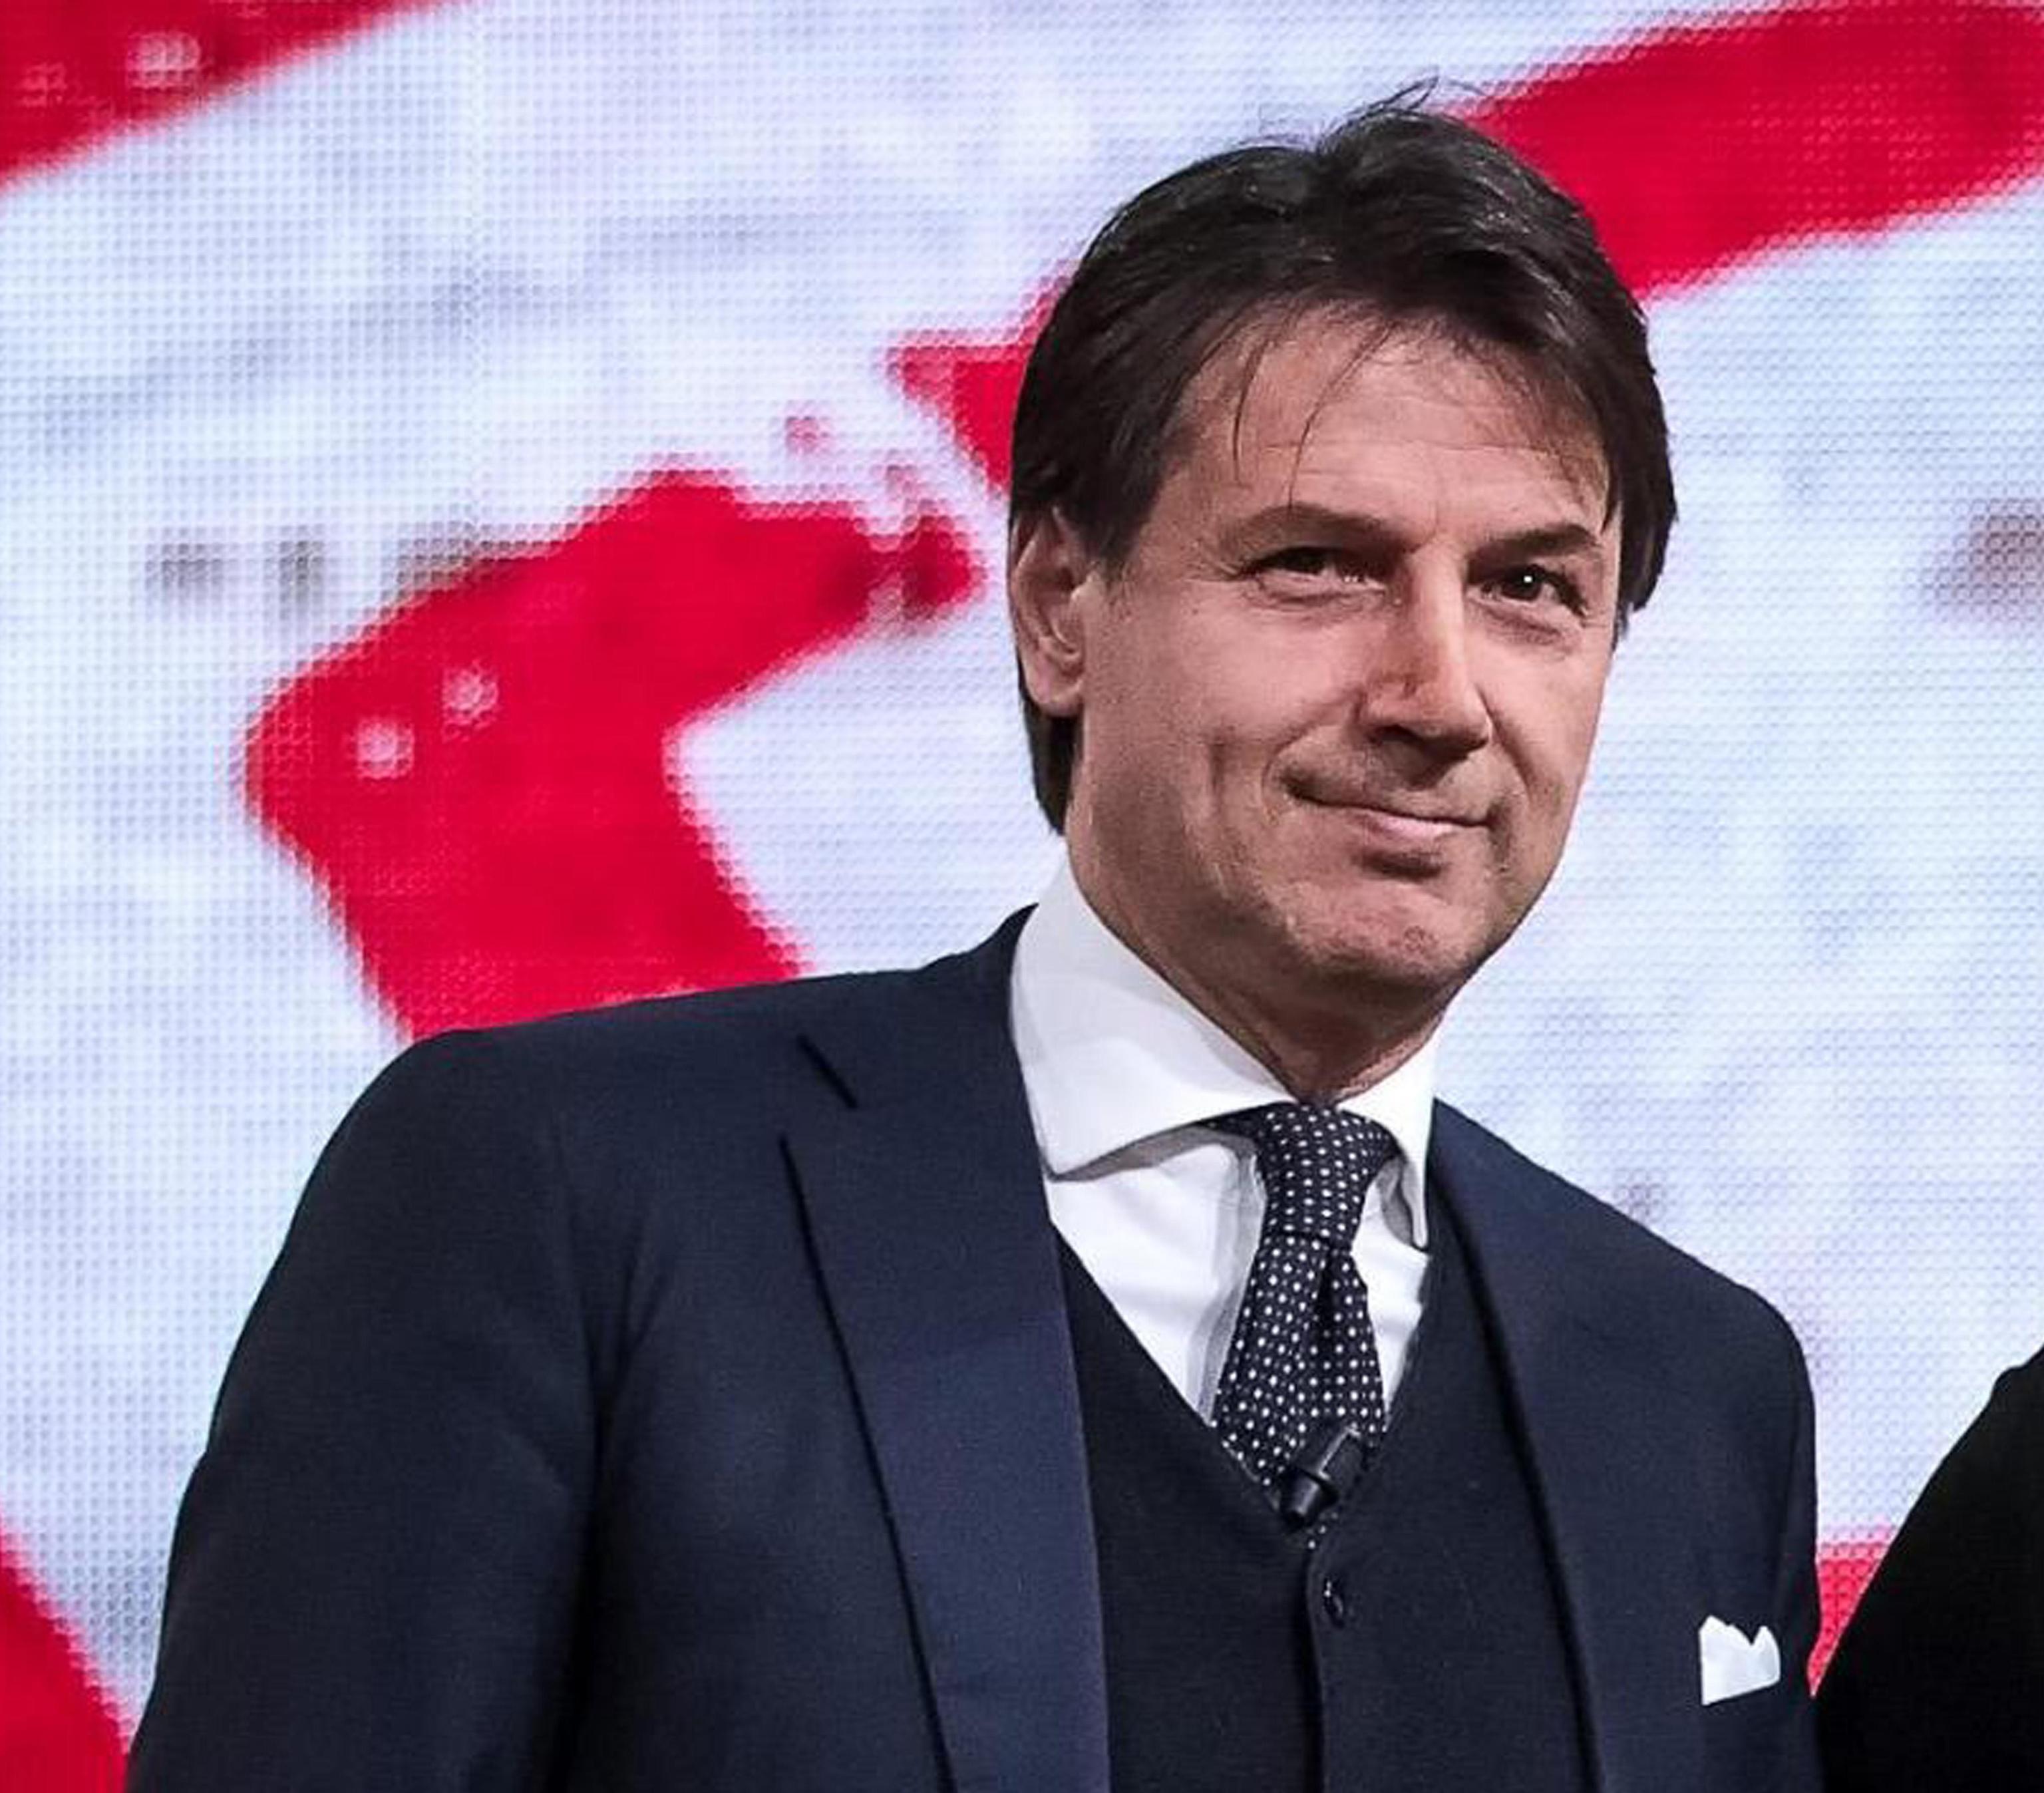 Governo, Renzi: ora crisi in mano ai segretari,prevalga saggezza